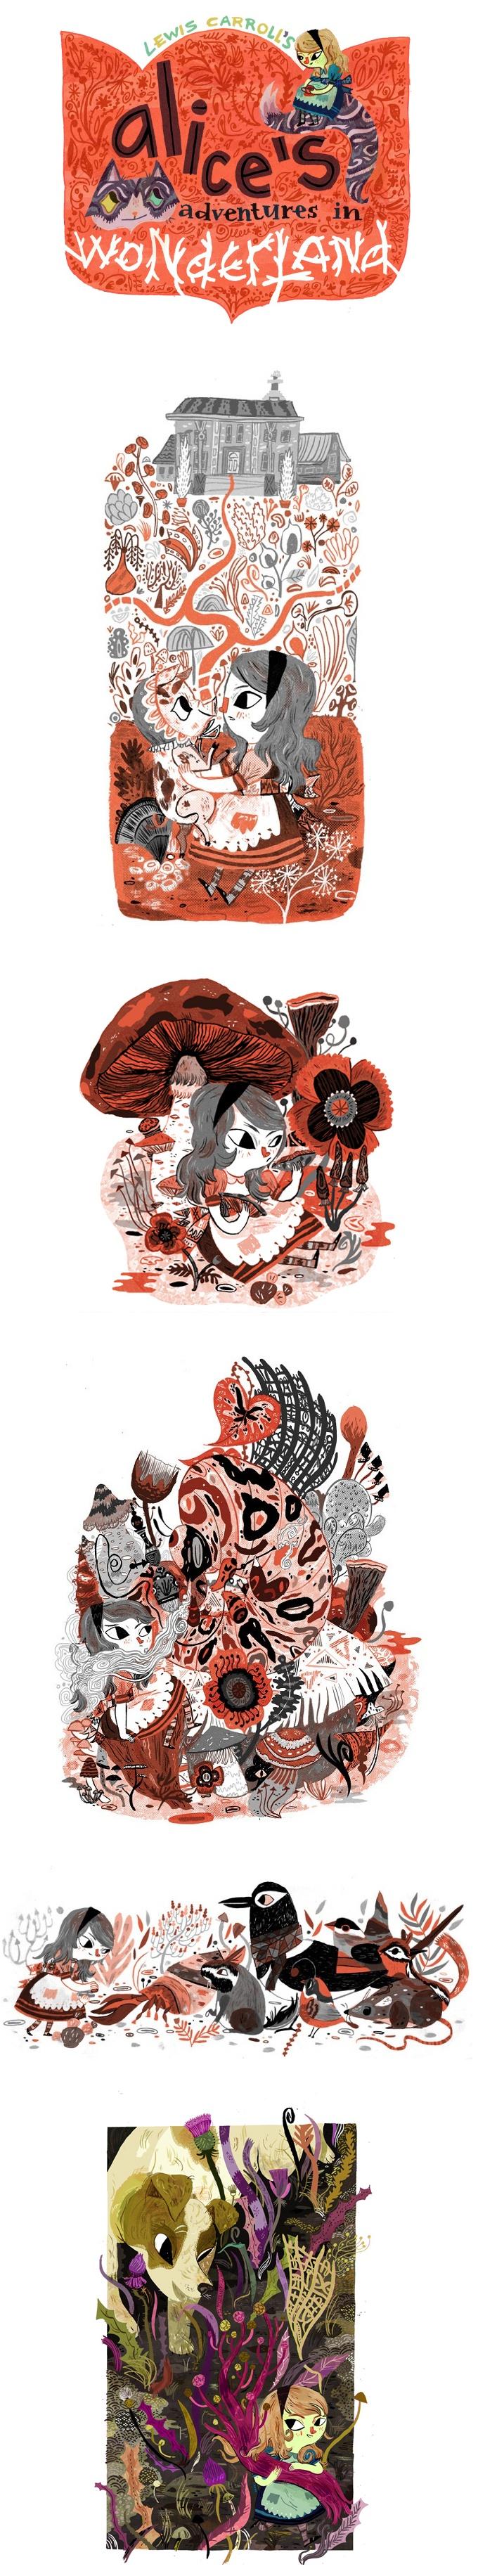 Interesting series of Alice in Wonderland paintings by #MegHunt